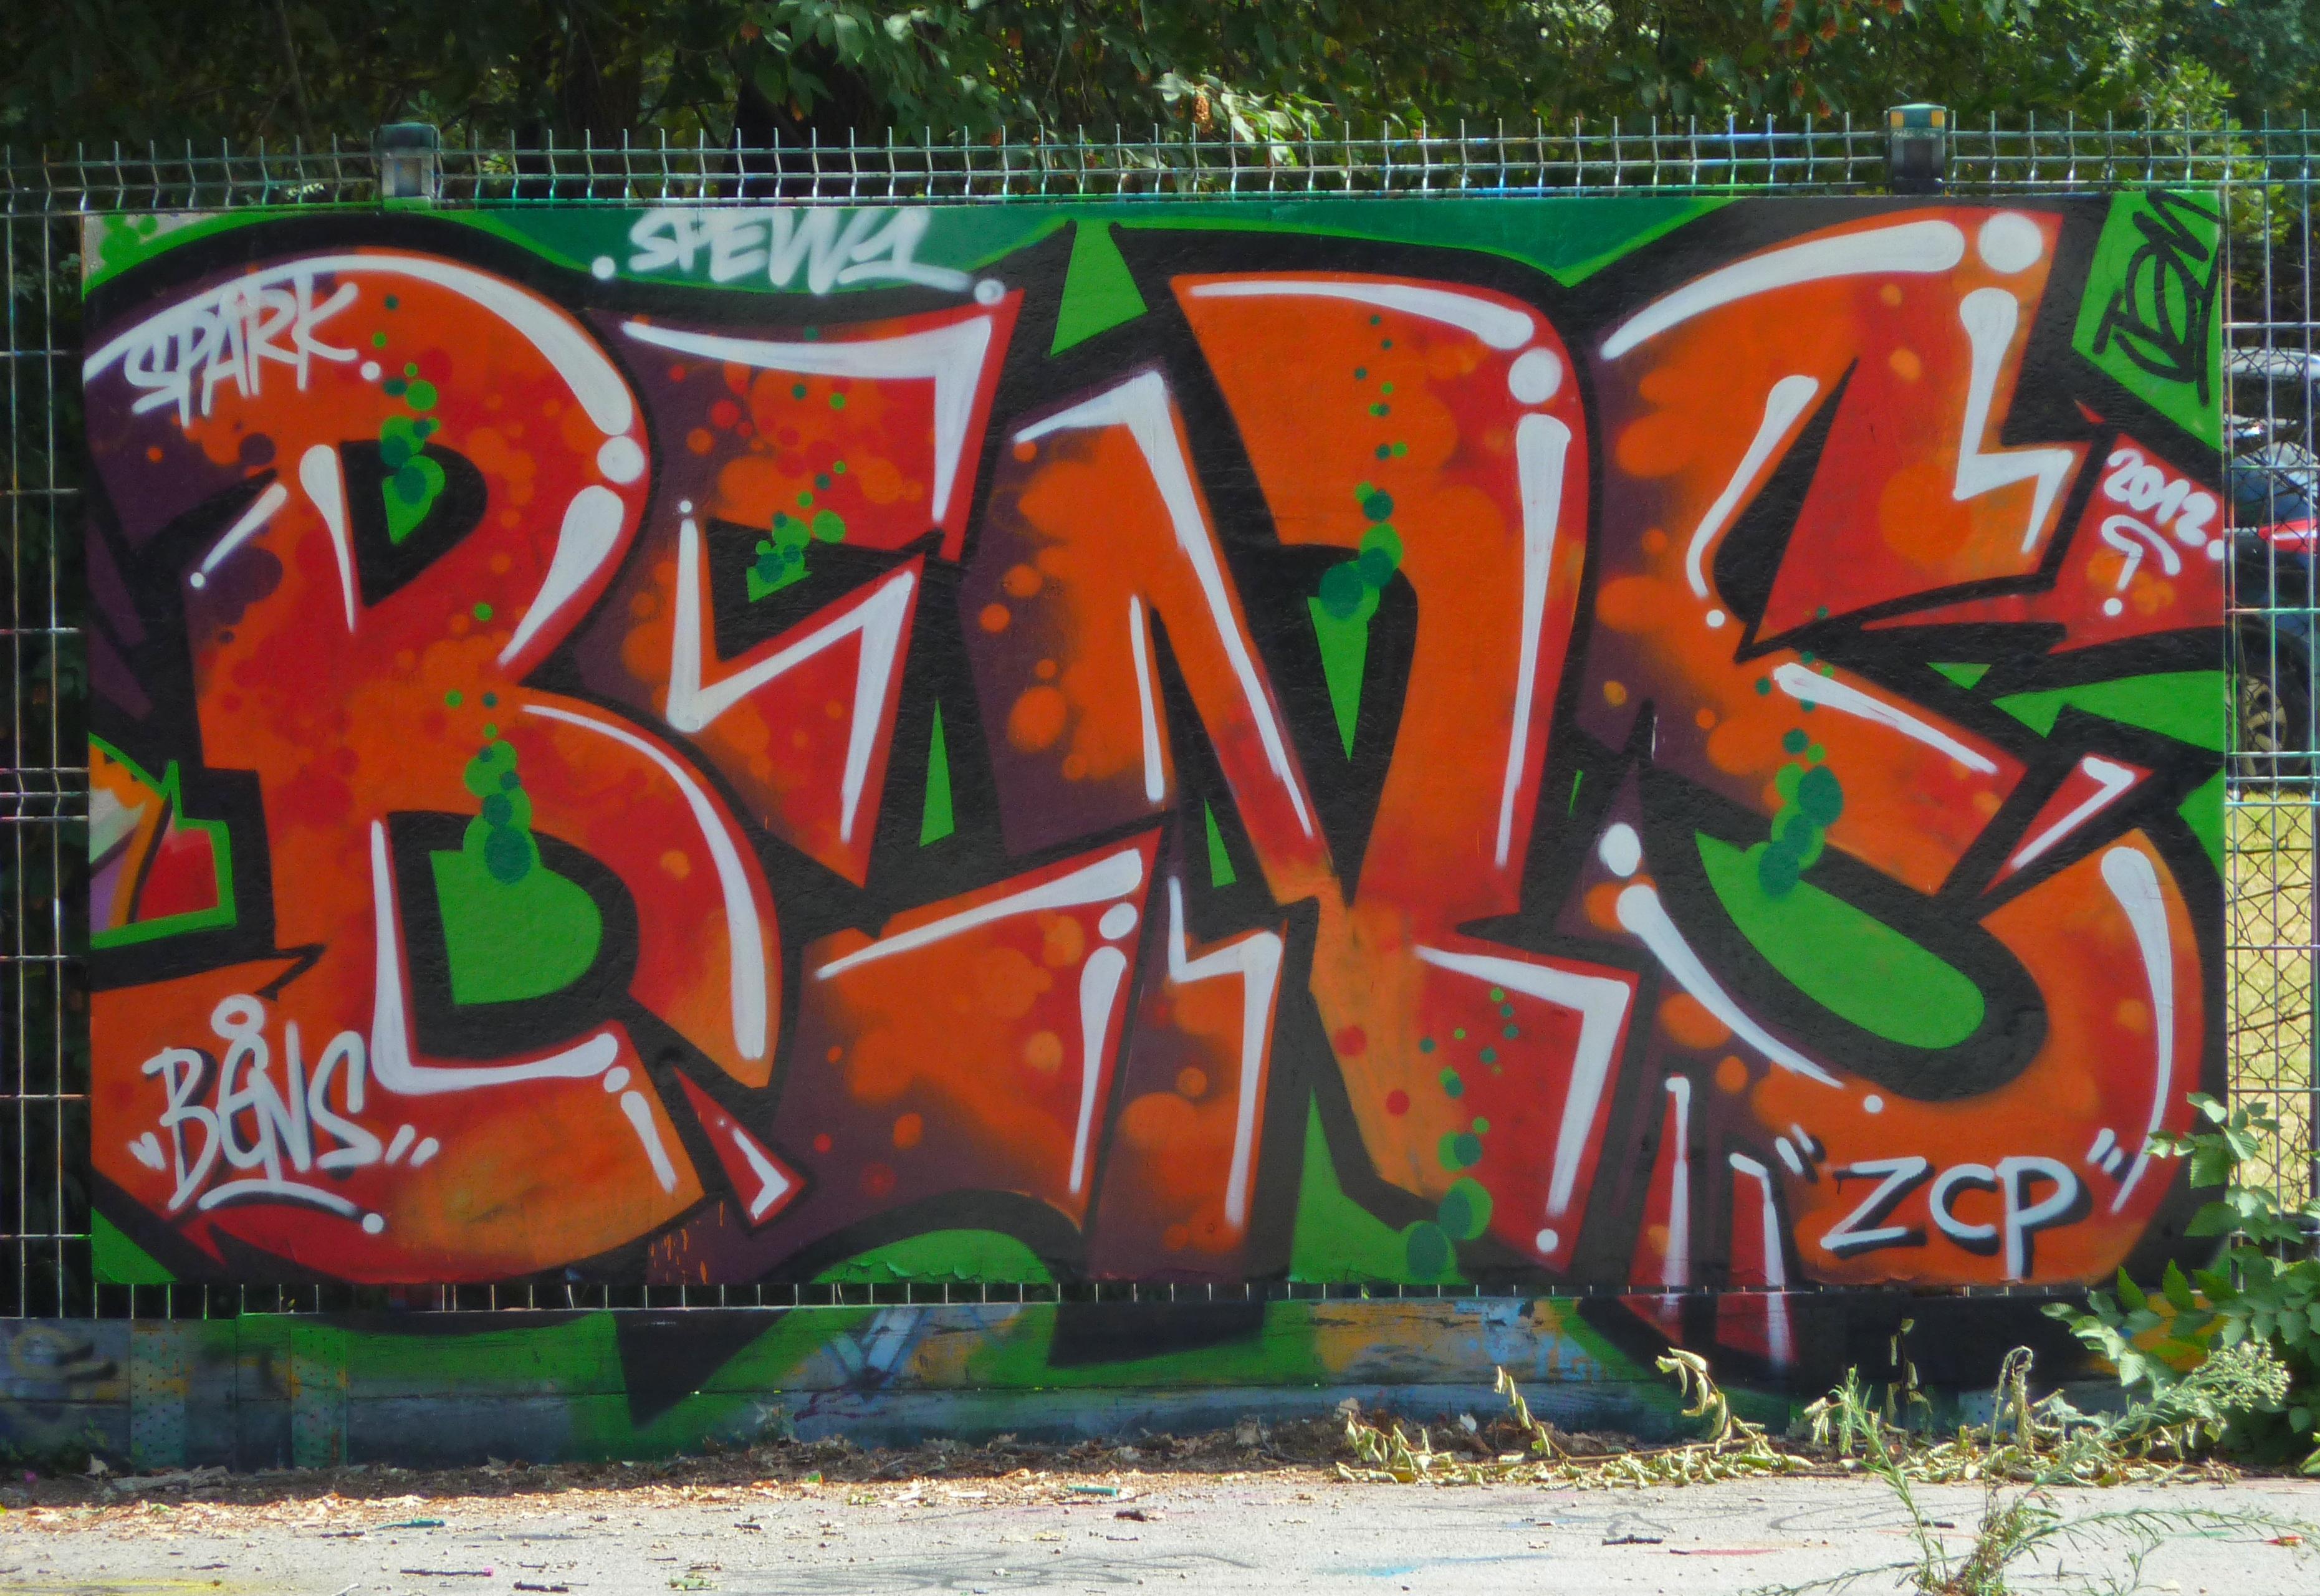 Boy paint colorful graffiti art vandalism mural vandal